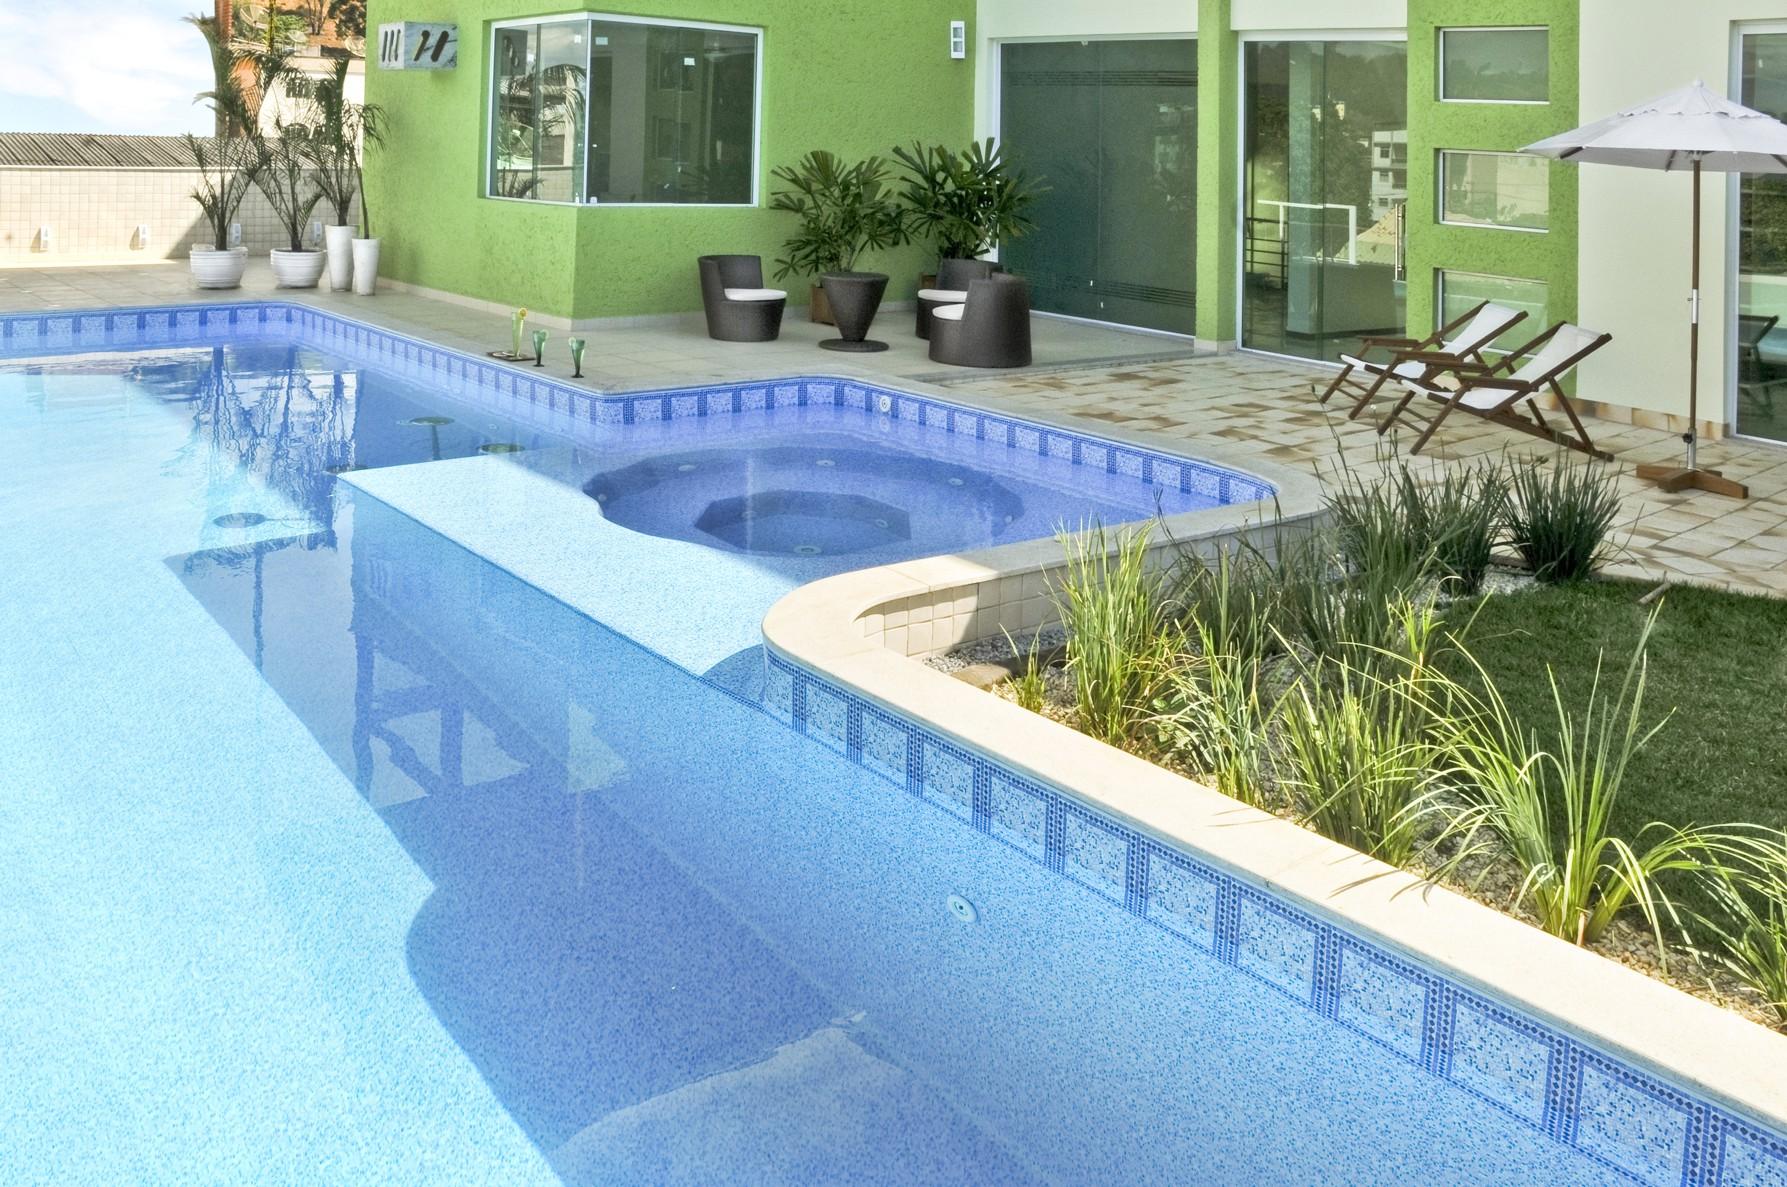 Piscina de vinil bh piscinas personalizadas loja em bh mg for Piscinas modelos